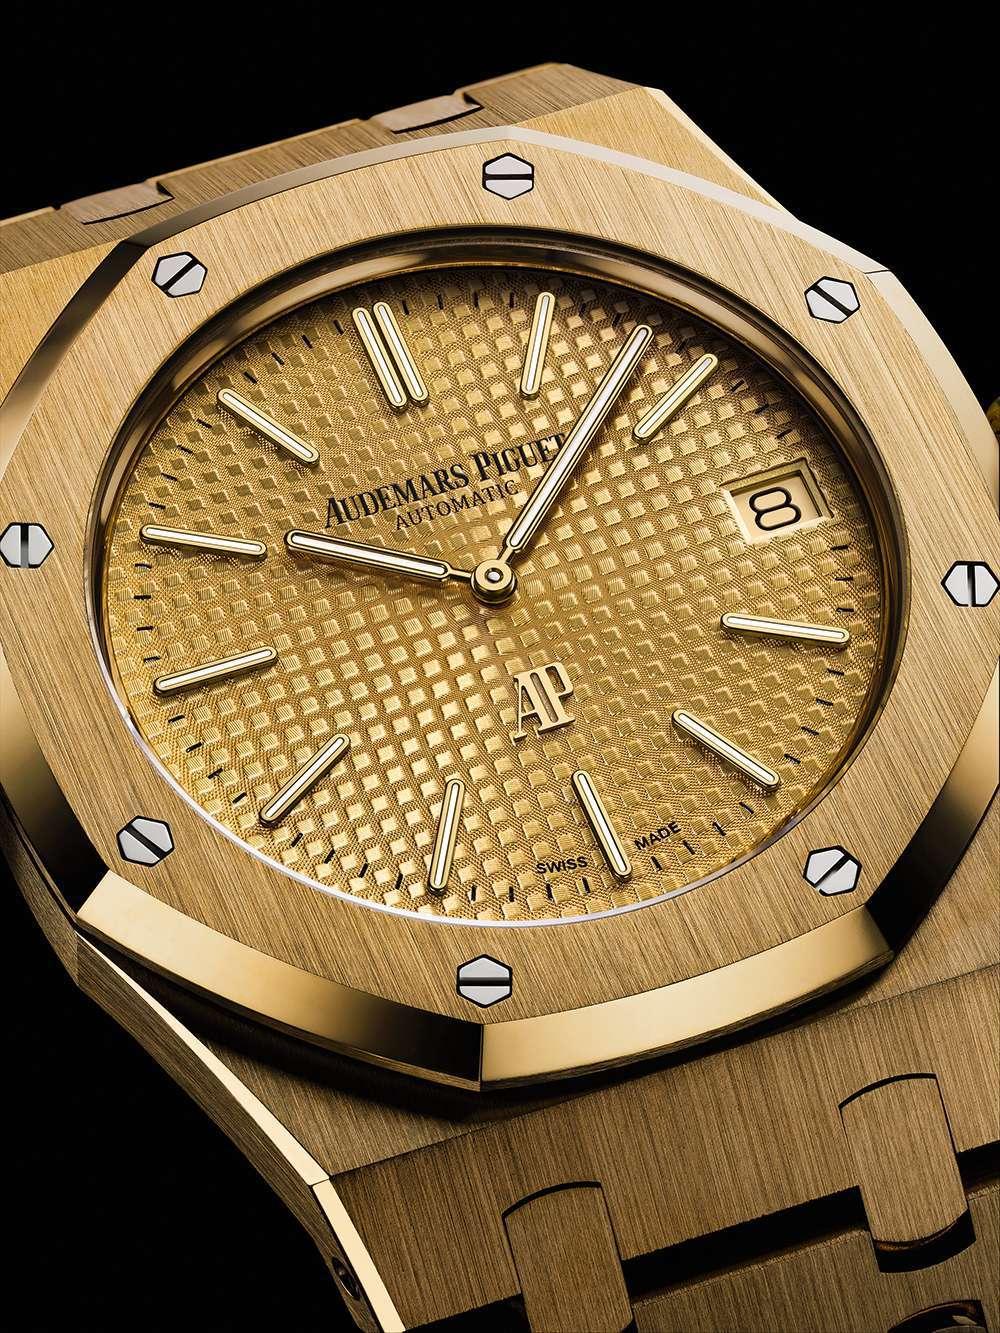 Audemars Piguet Royal Oak Extra-Thin, gold dial